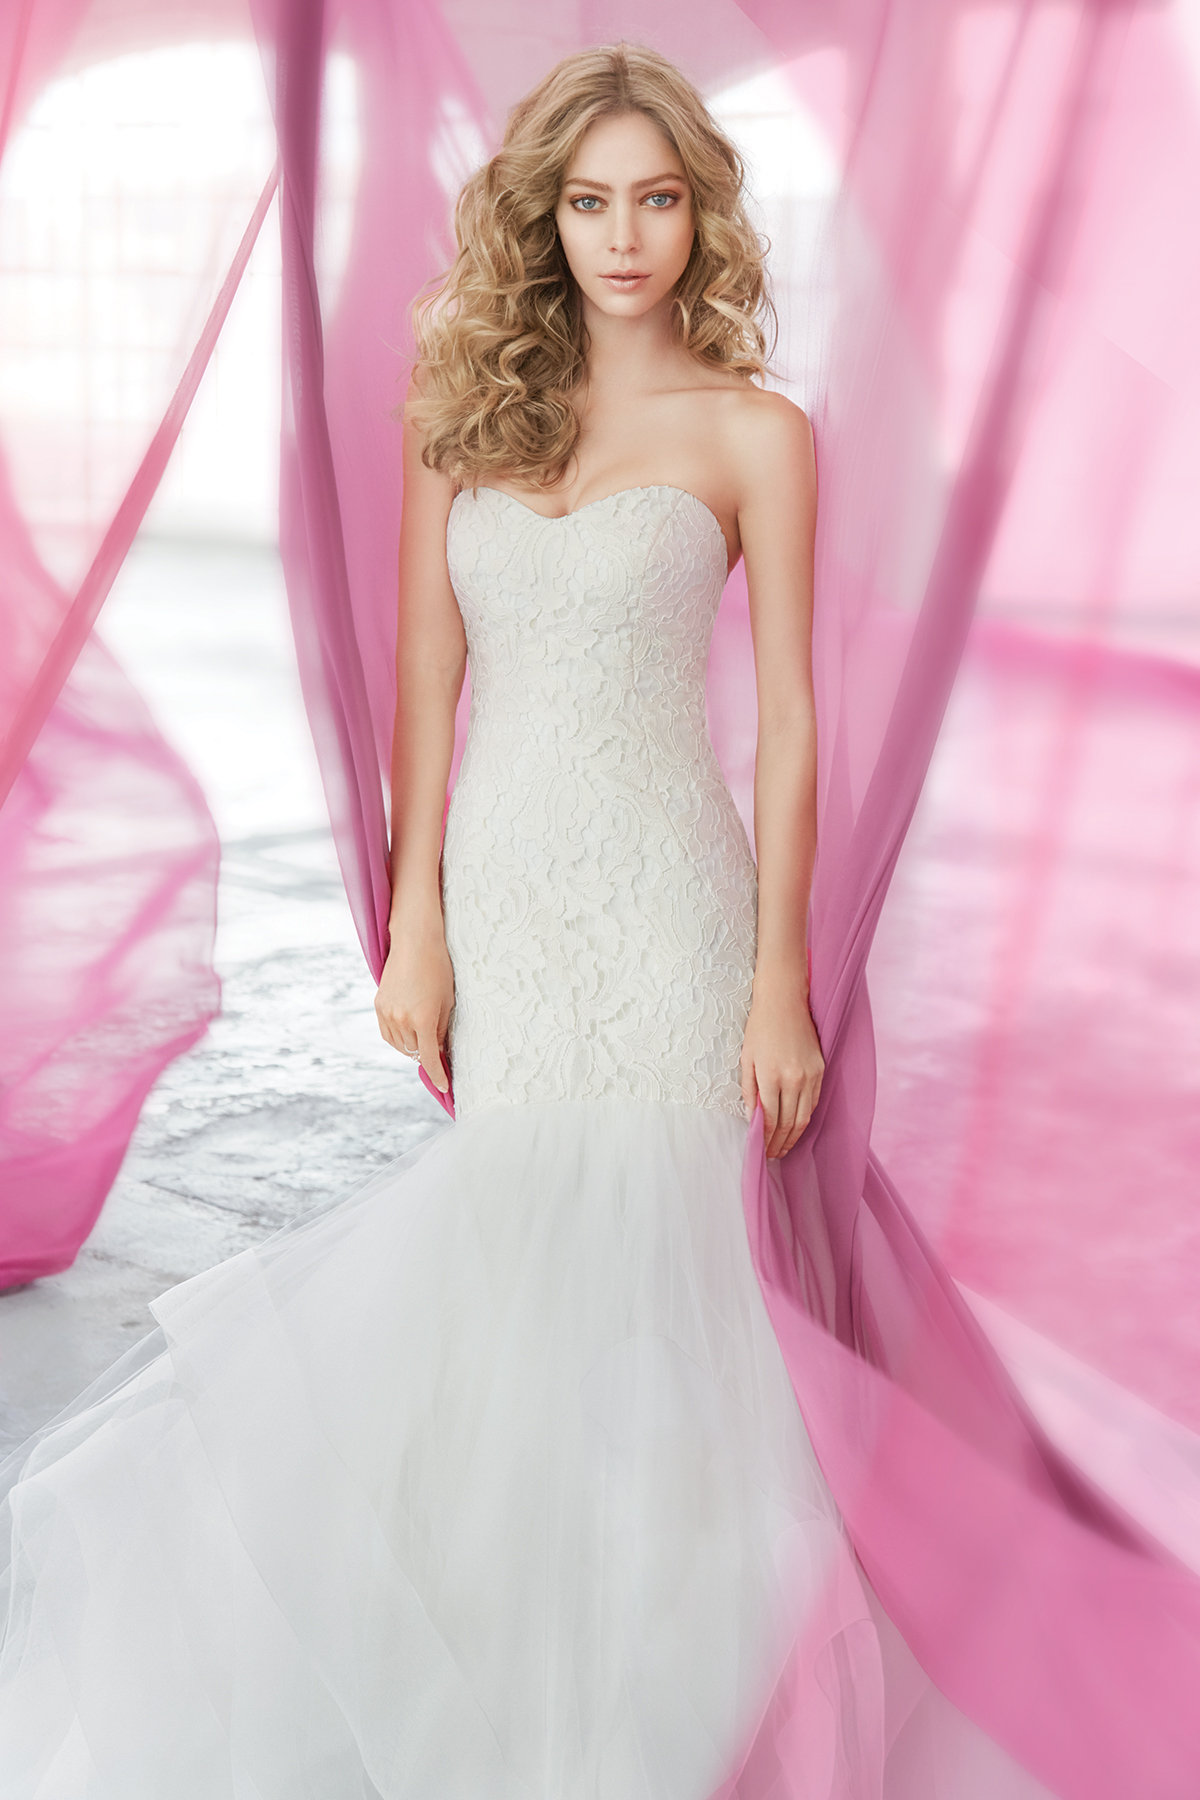 Encantador Hayley Paige Vestidos De Novia En Venta Cresta - Ideas de ...